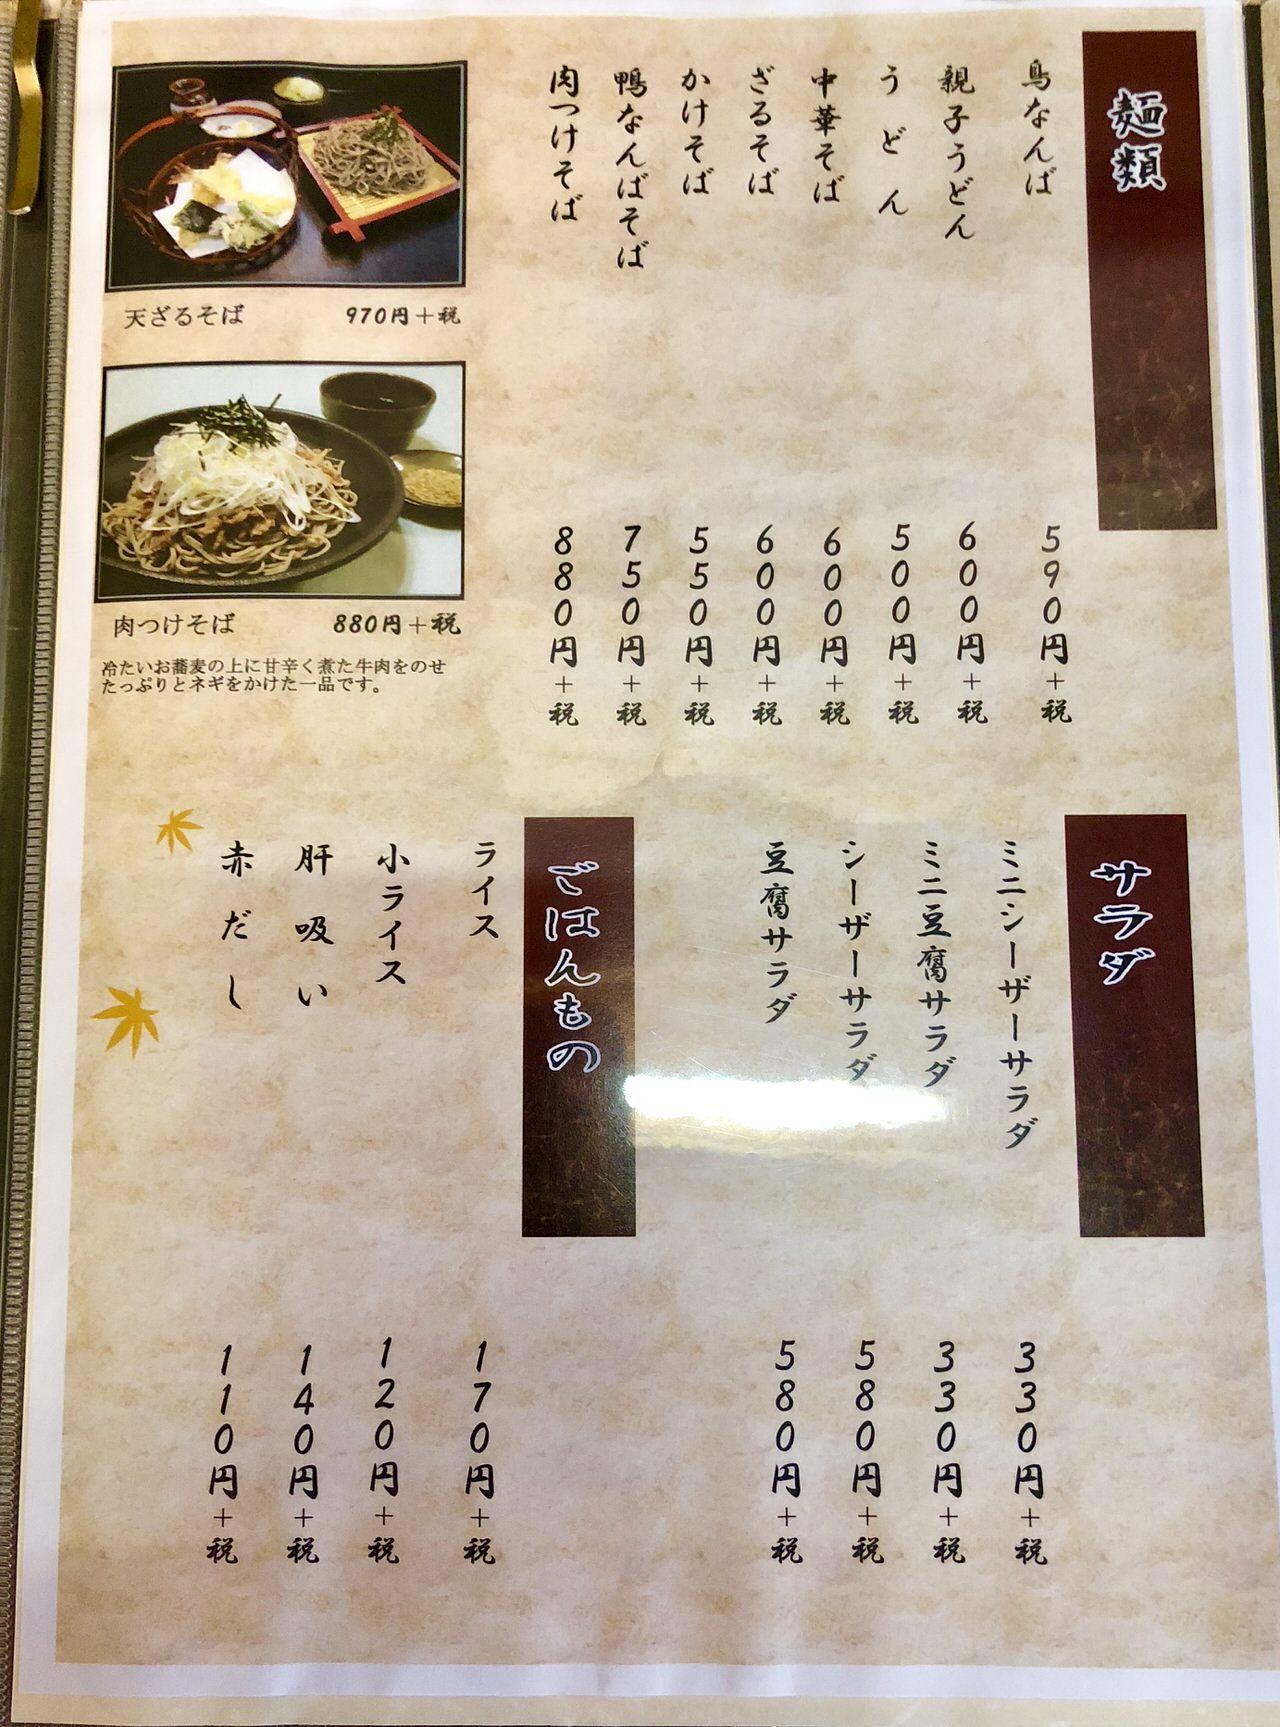 岩村駅前の食事処、和風レストランかわいの麺類メニュー表